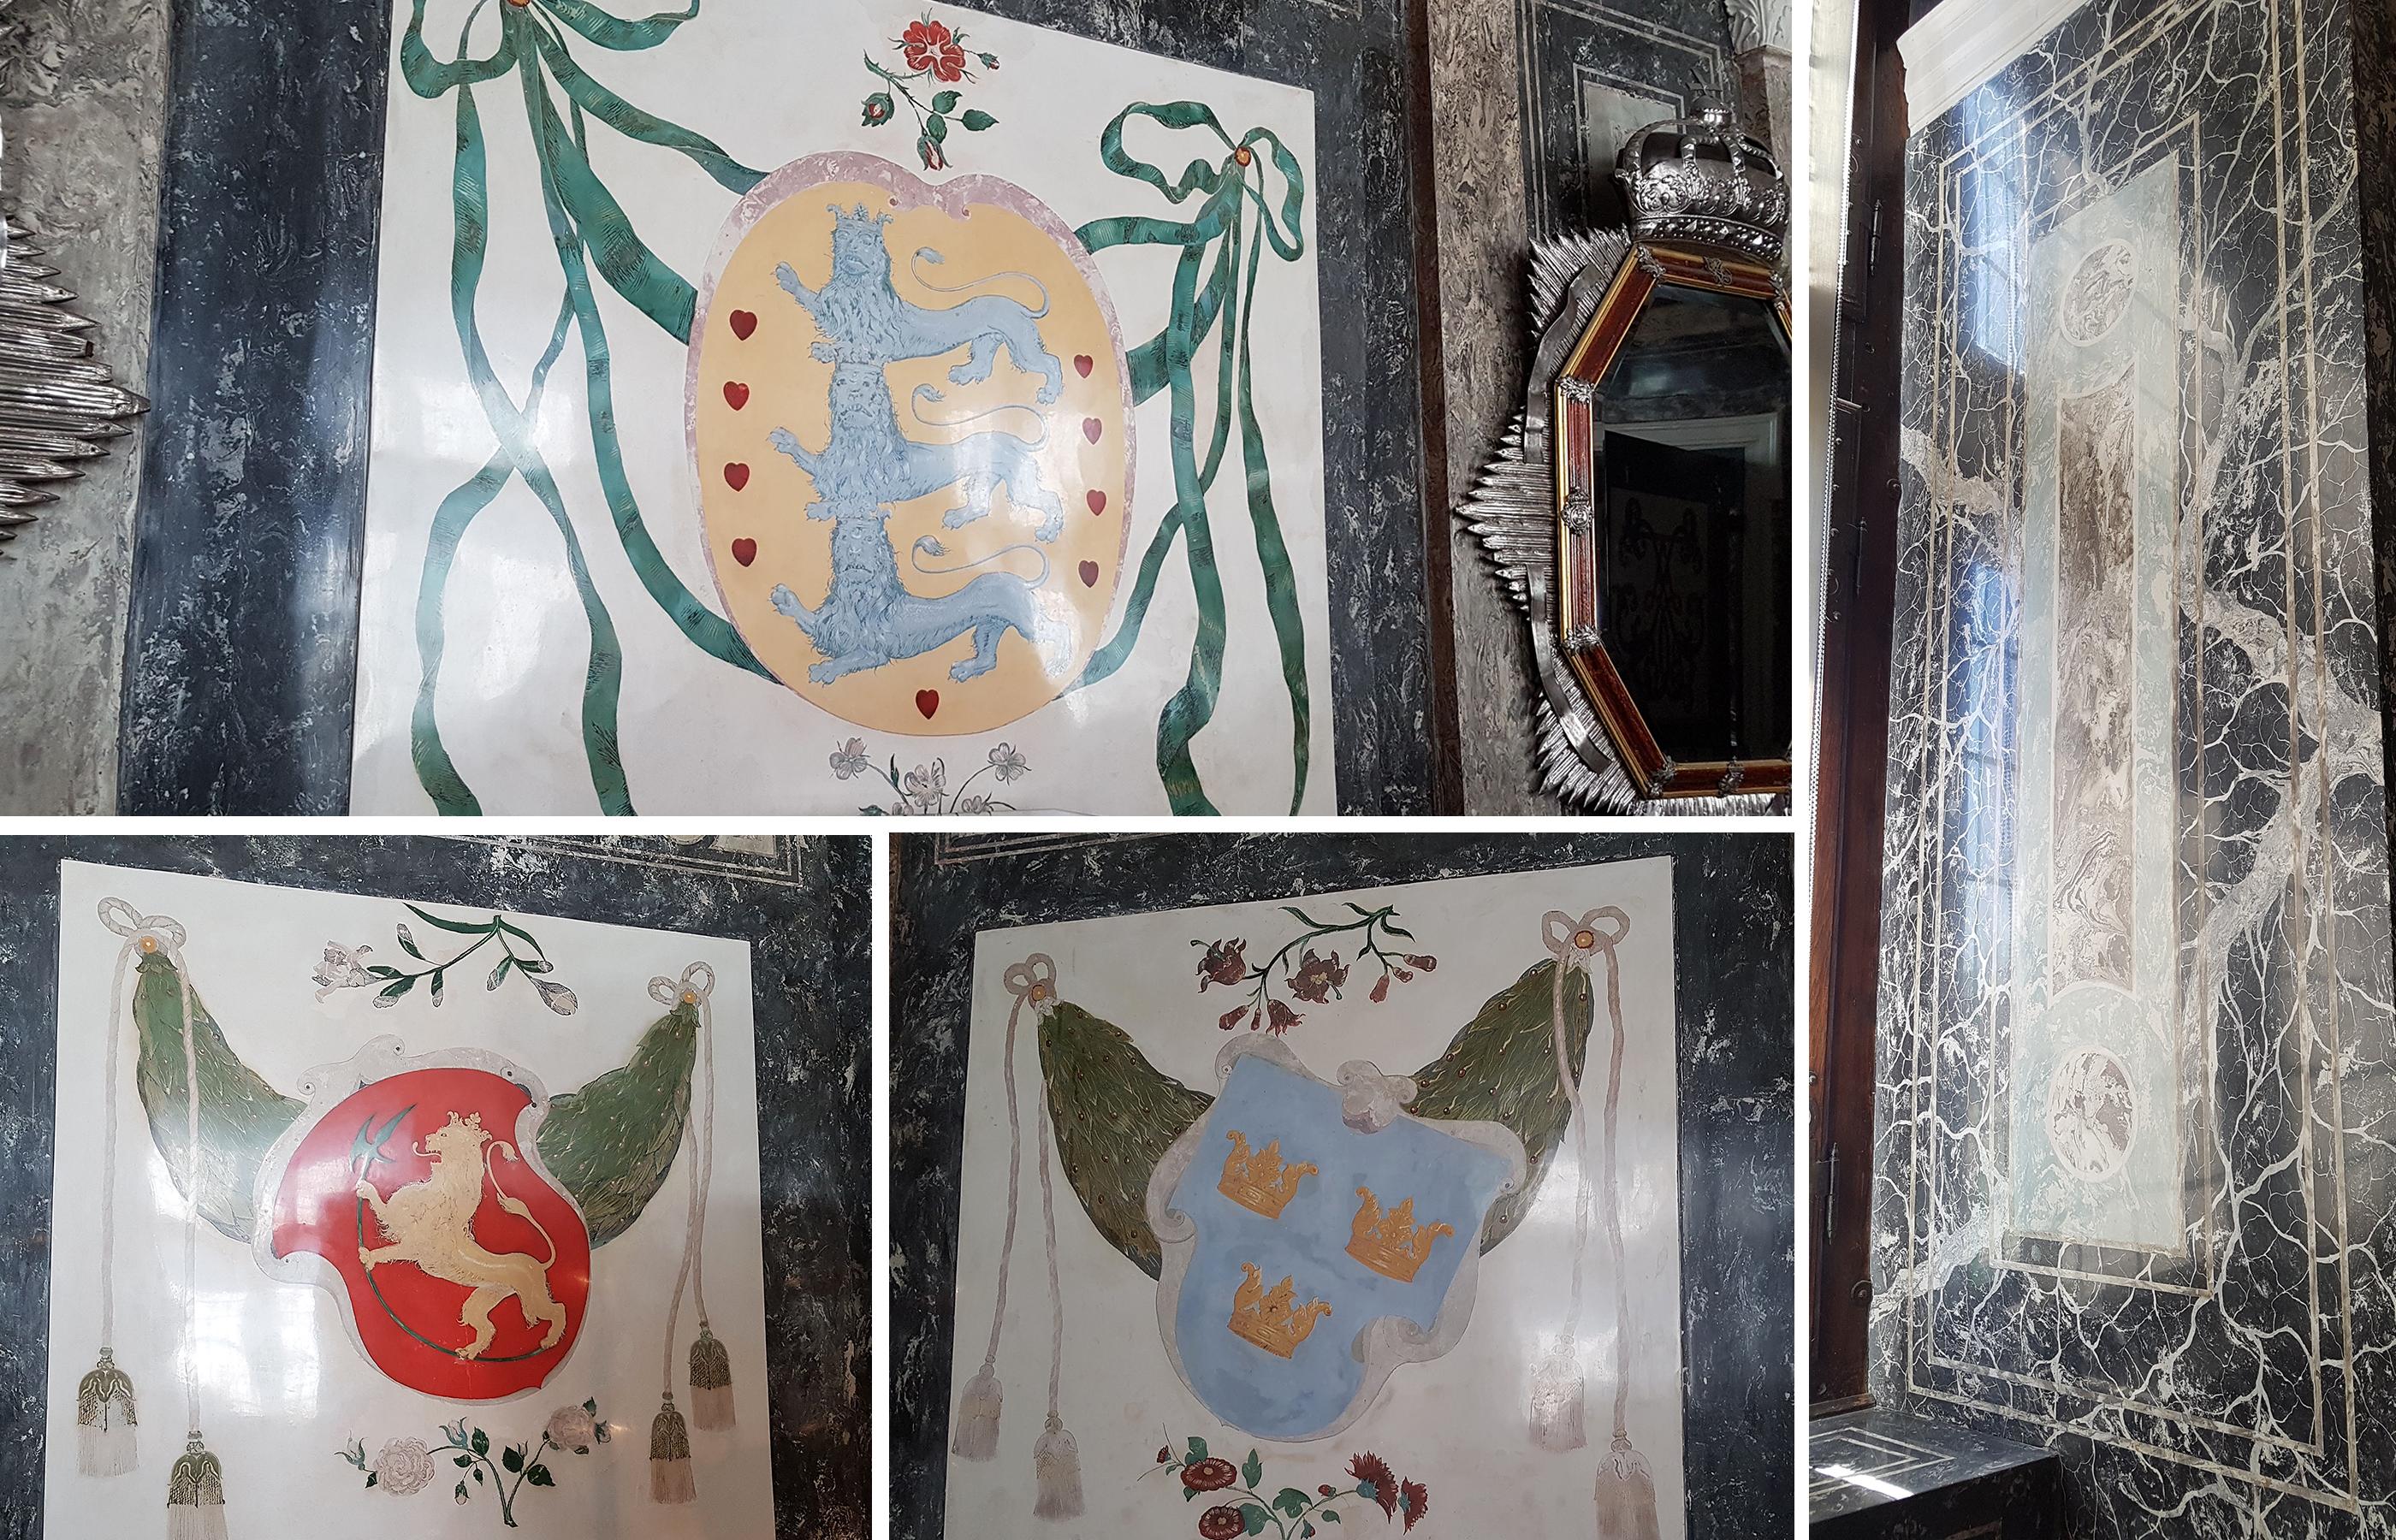 Гербы из Мраморного зала замка Розенборг